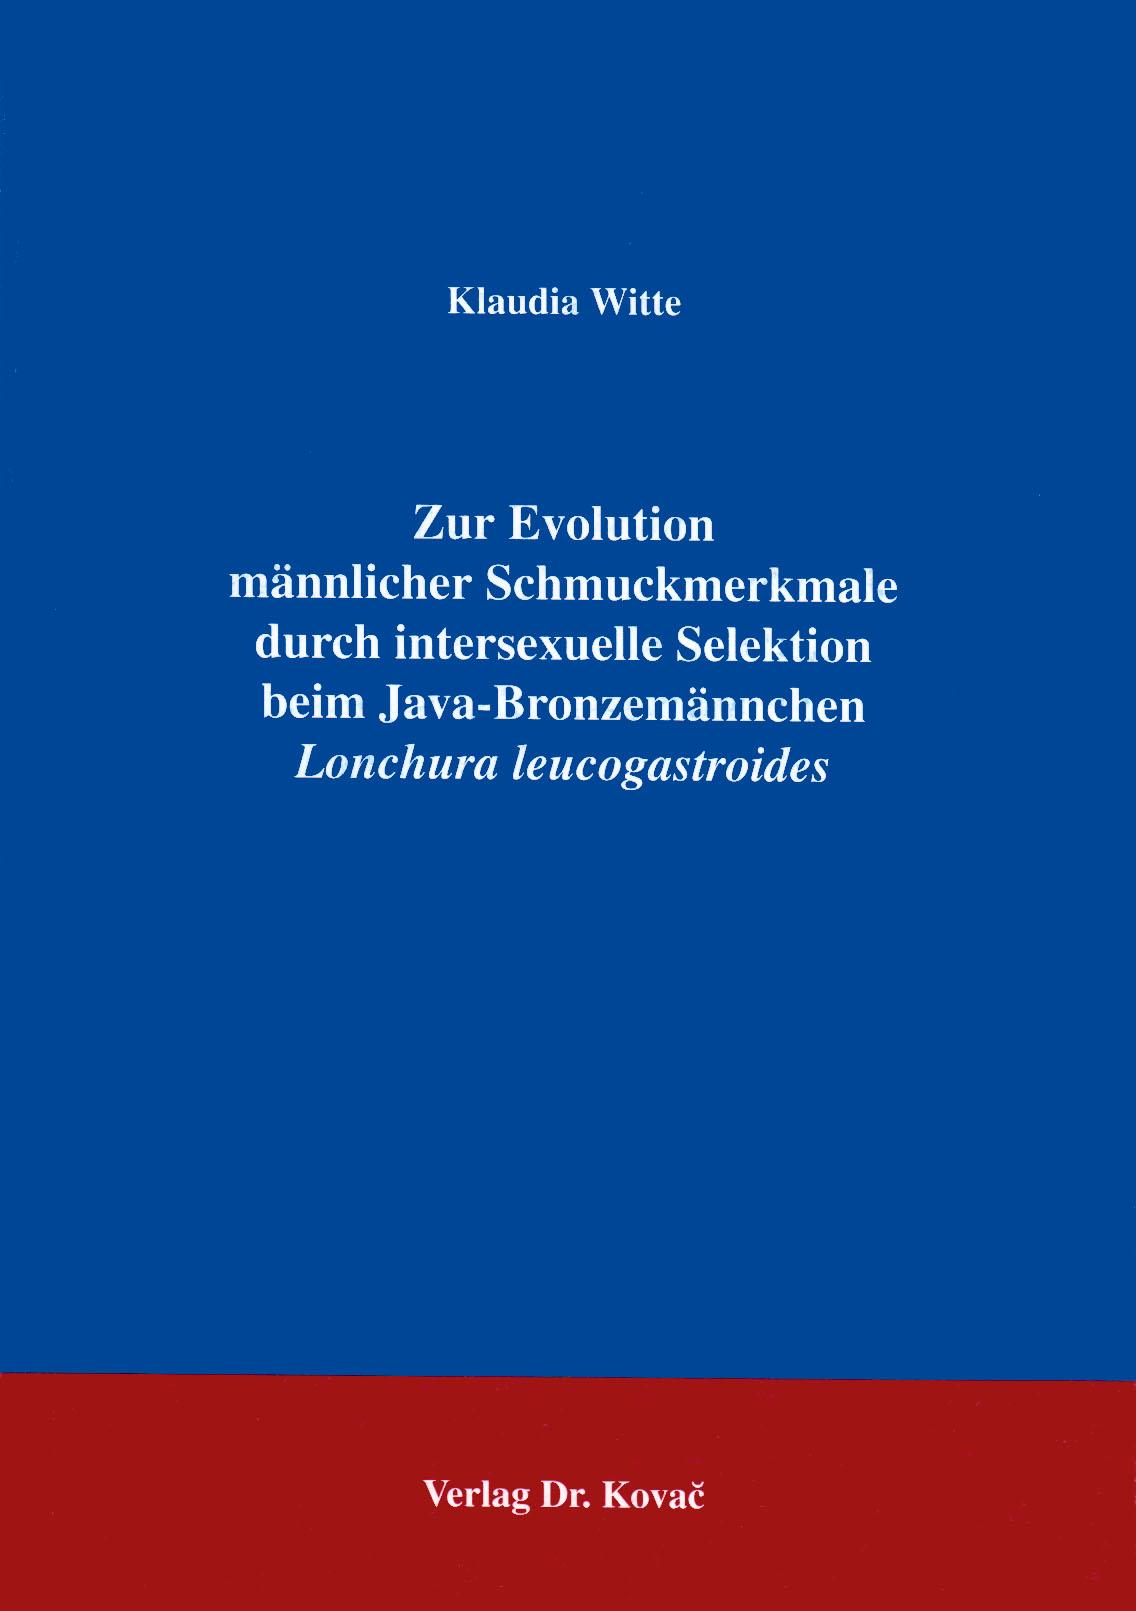 Cover: Zur Evolution männlicher Schmuckmerkmale durch intersexuelle Selektion beim Java-Bronzemännchen  Lonchura leucogastroides